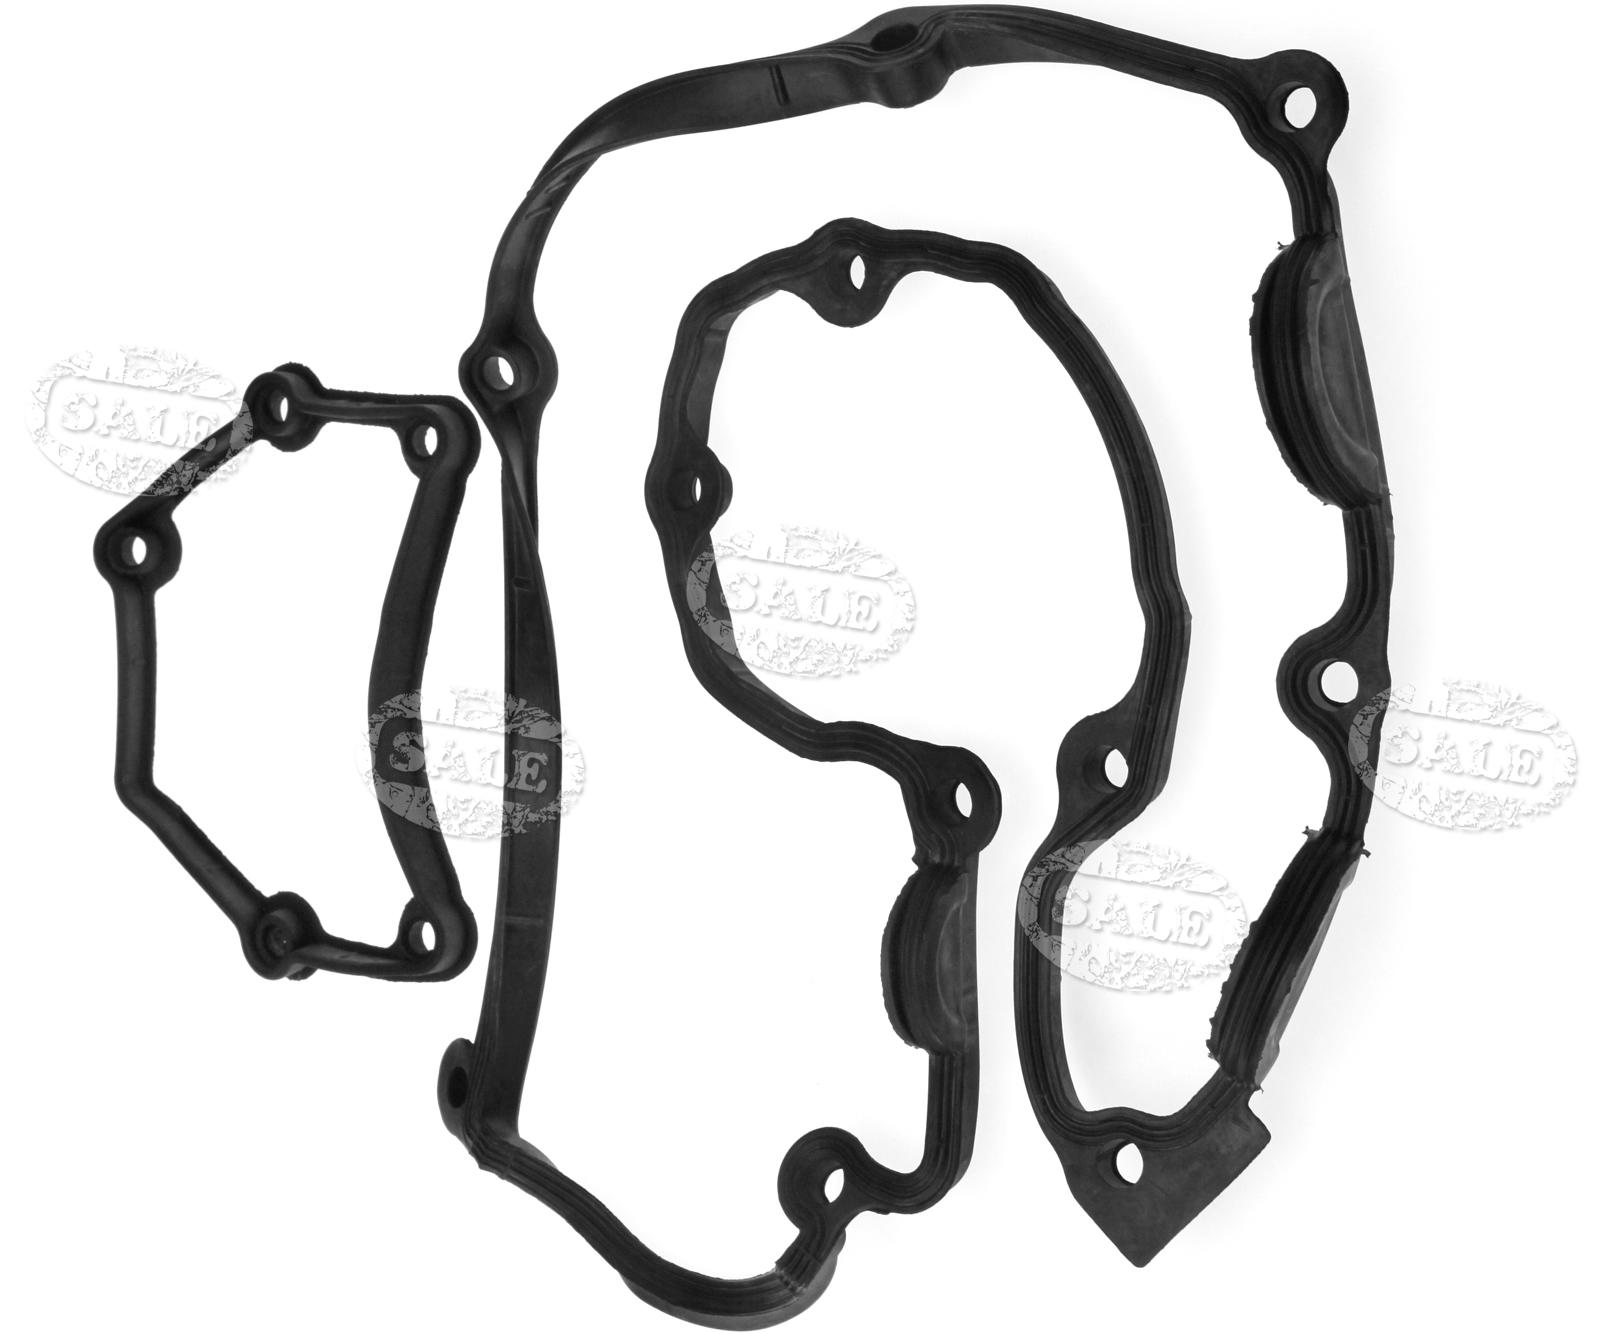 Cylinder Head Valve Rocker Cam Cover Gasket For Bmw 323i: Black Cylinder Head Cover Gasket For BMW (E46)316i OEM